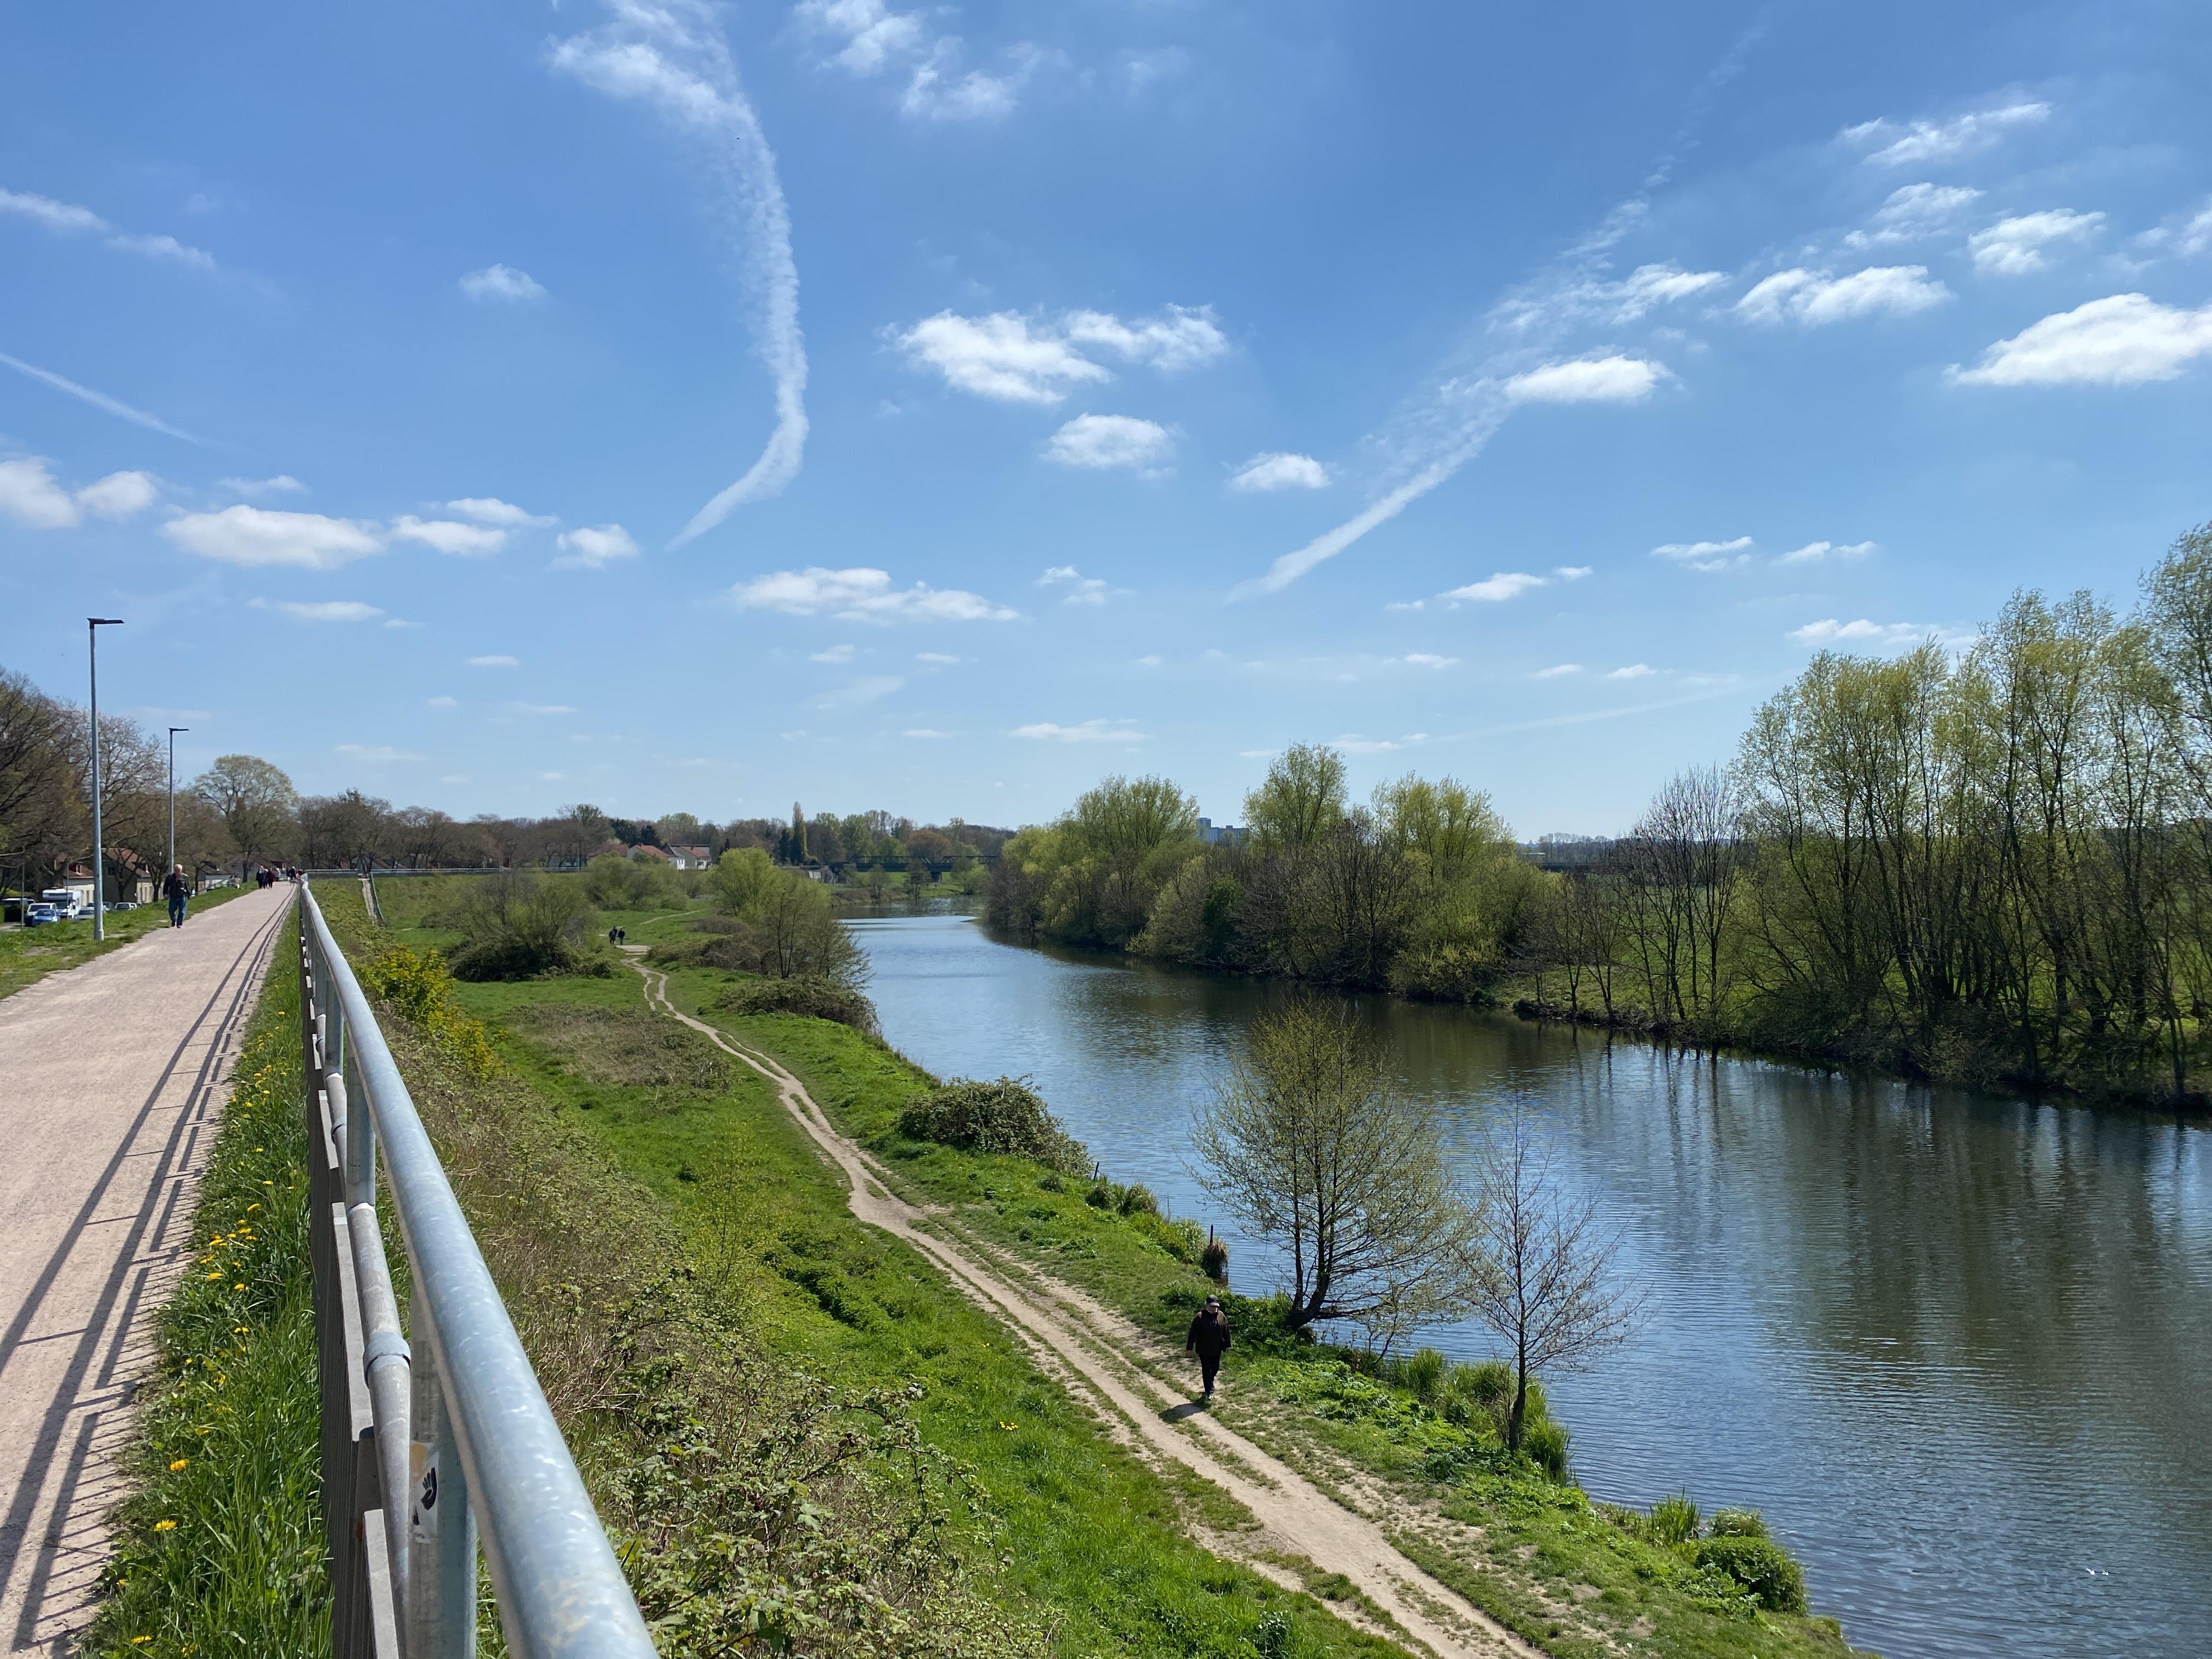 Durch Flussauen und ein Autobahnkreuz